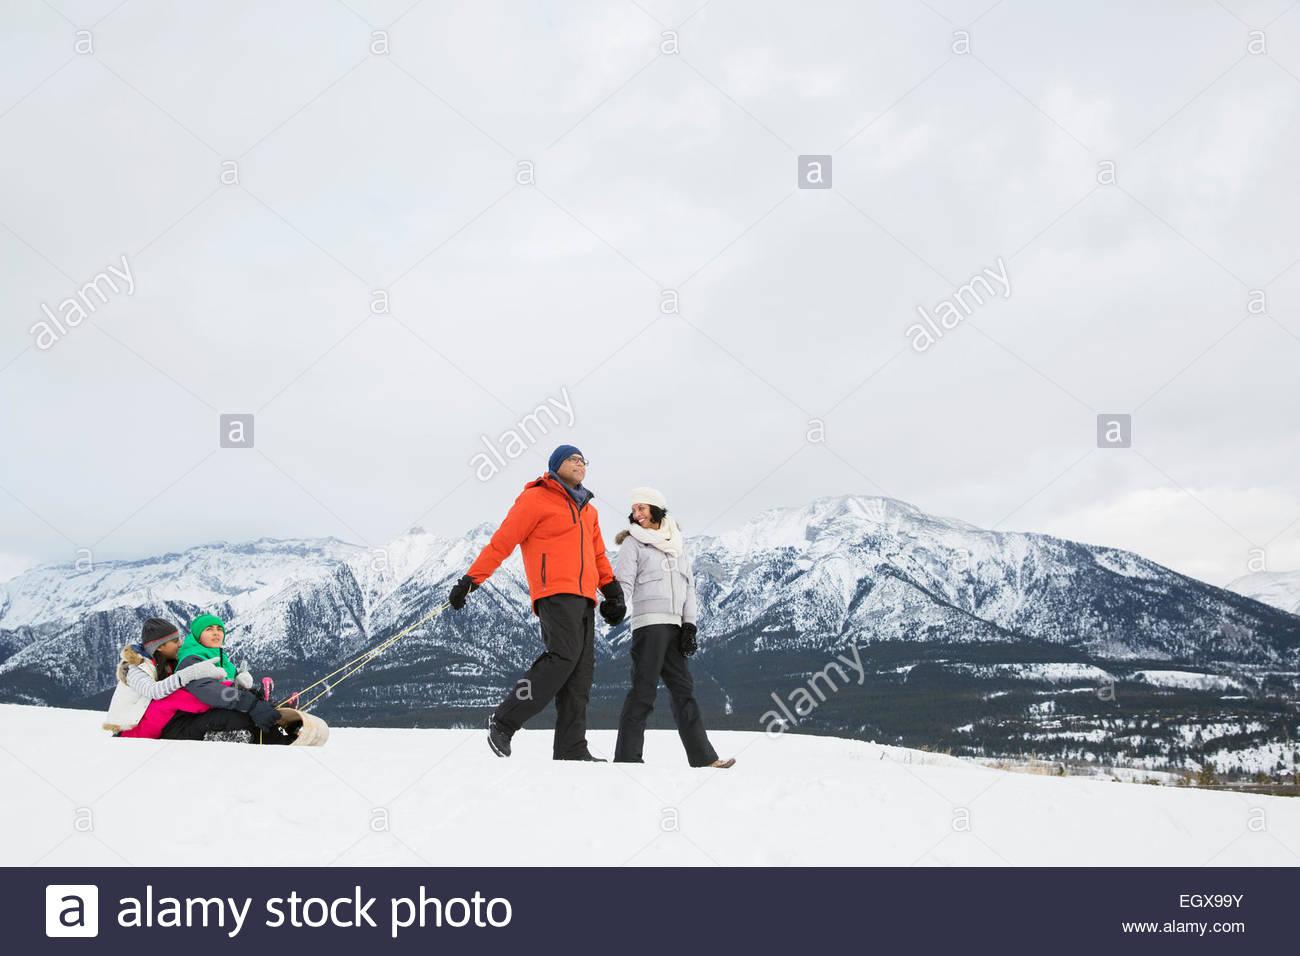 Los padres tirando niños en trineo en campo nevado Imagen De Stock